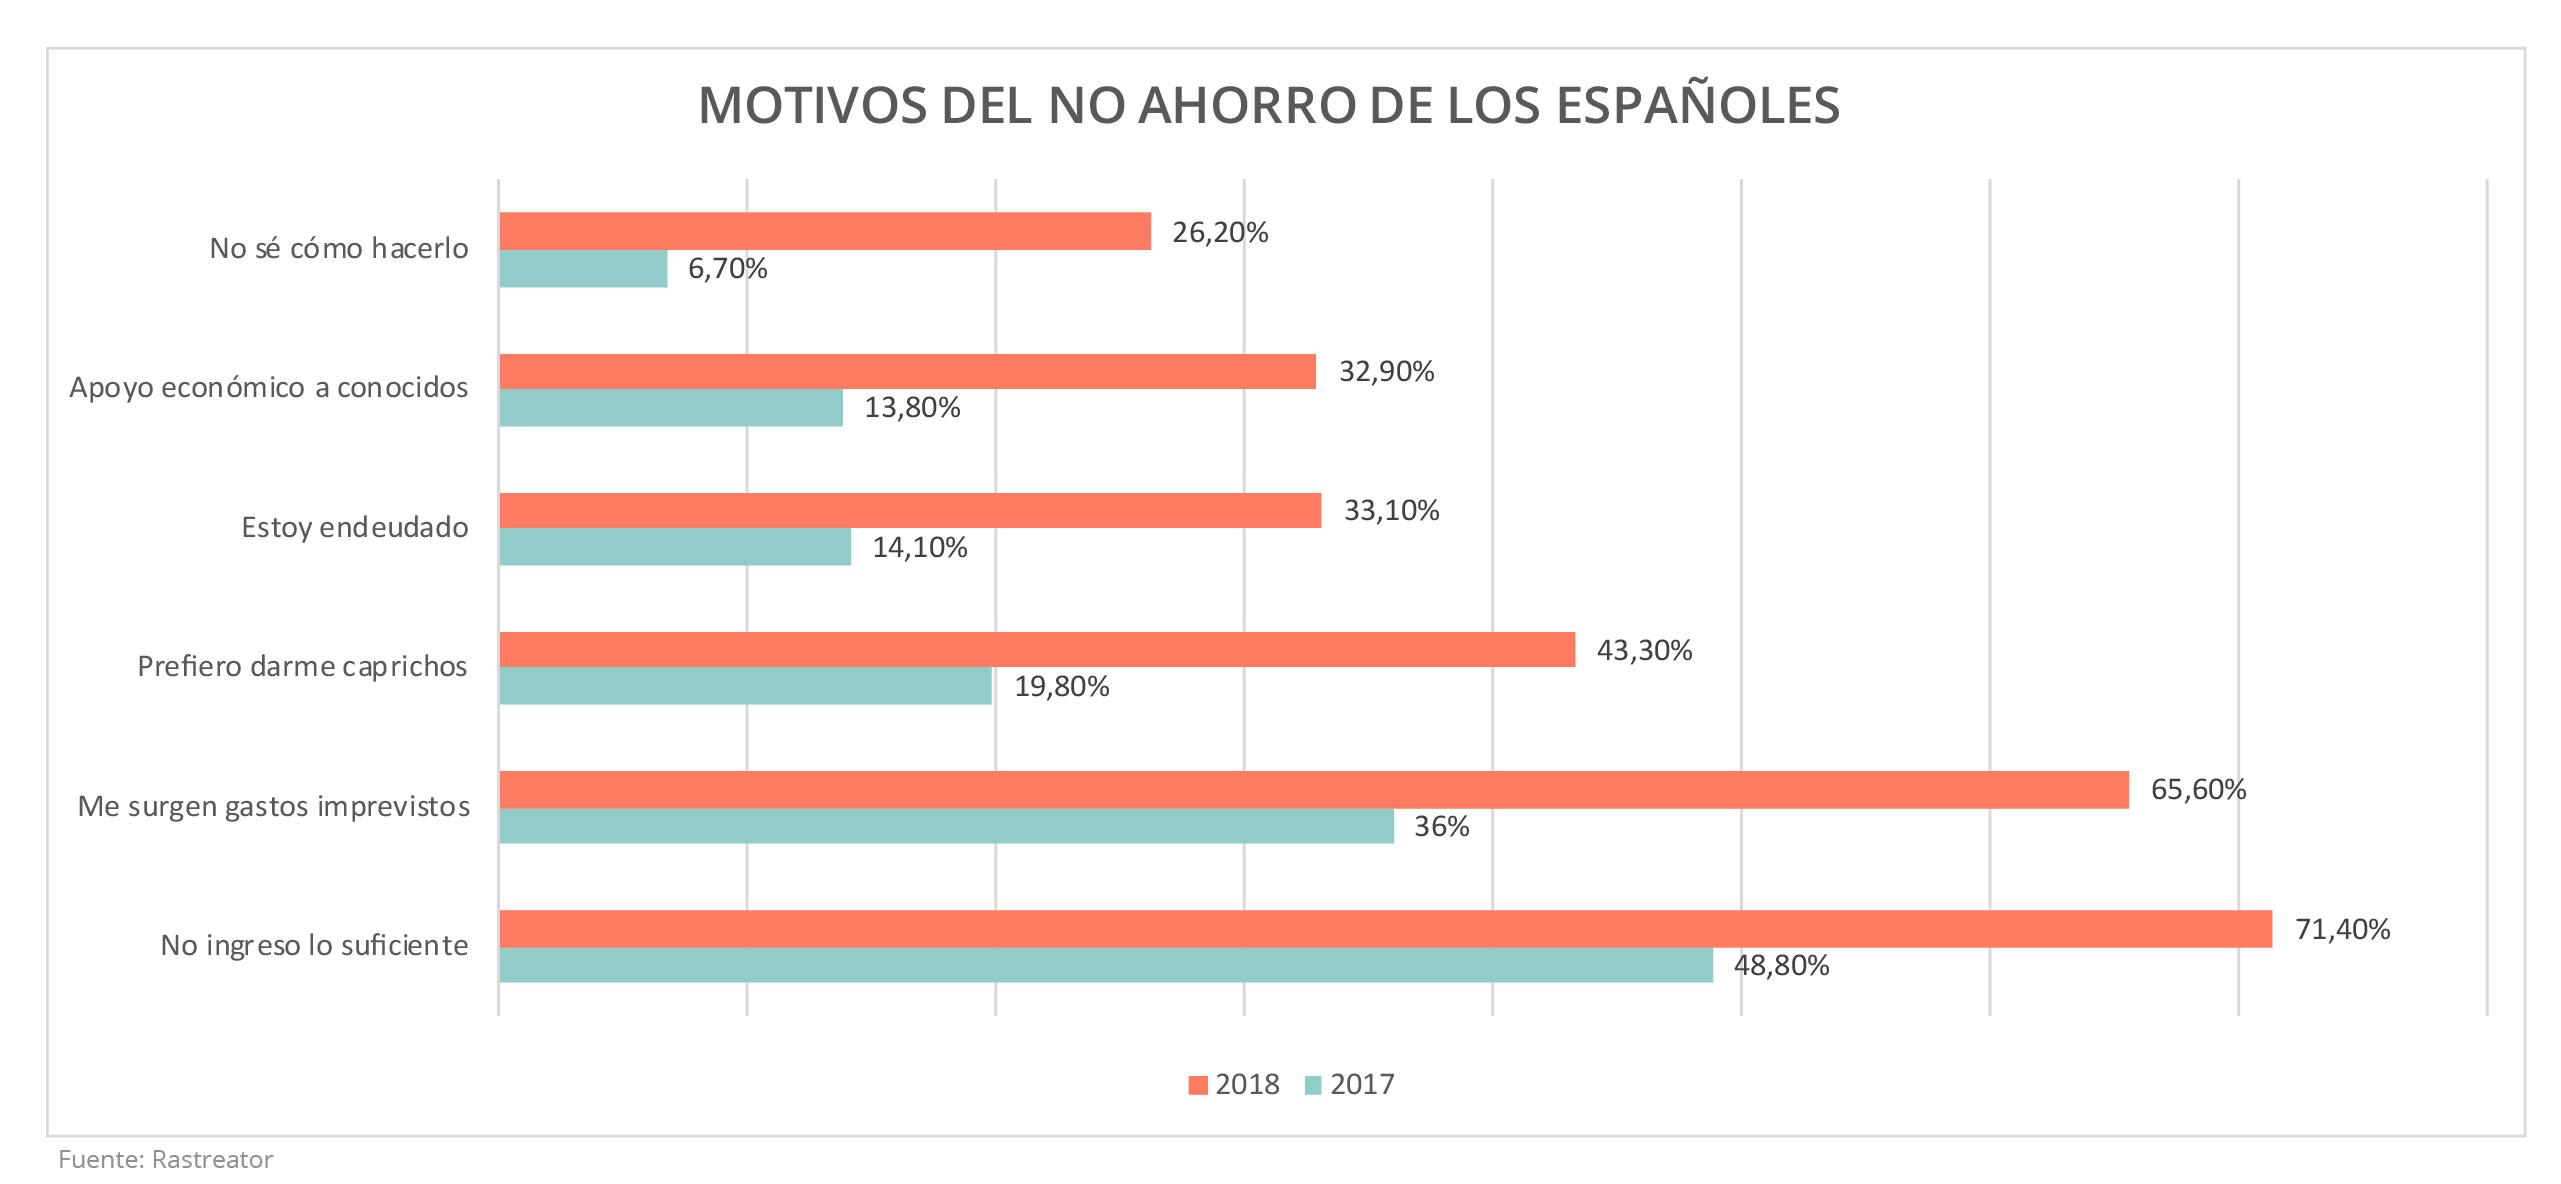 El ahorro de los españoles. Motivos del no ahorro de los españoles. Housers